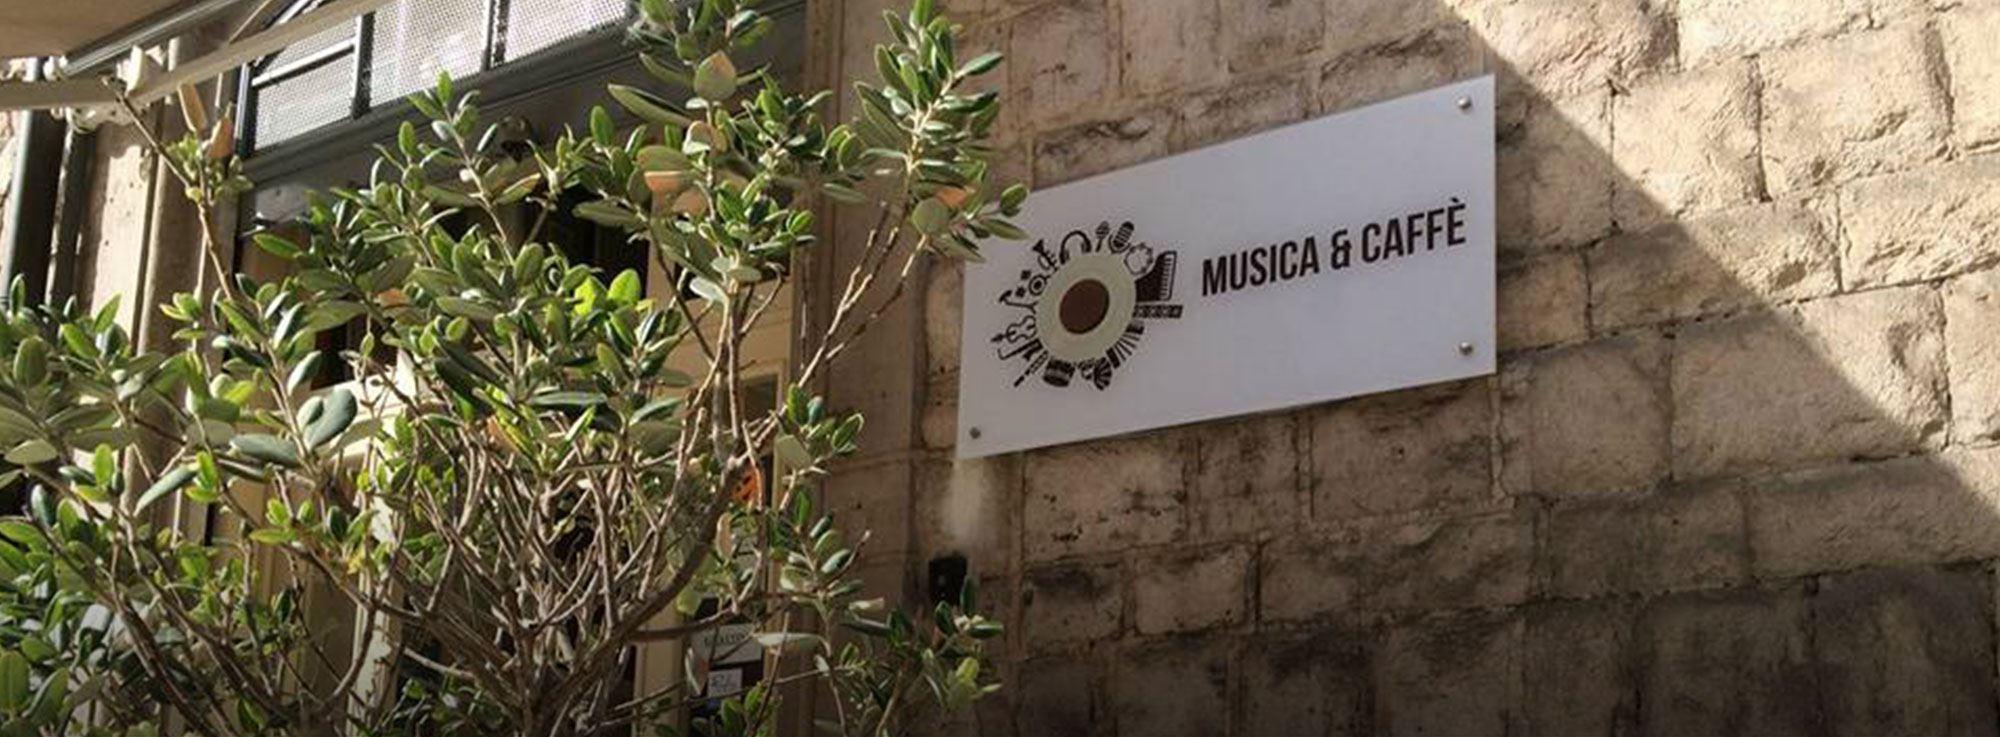 Musica & Caffè Barletta